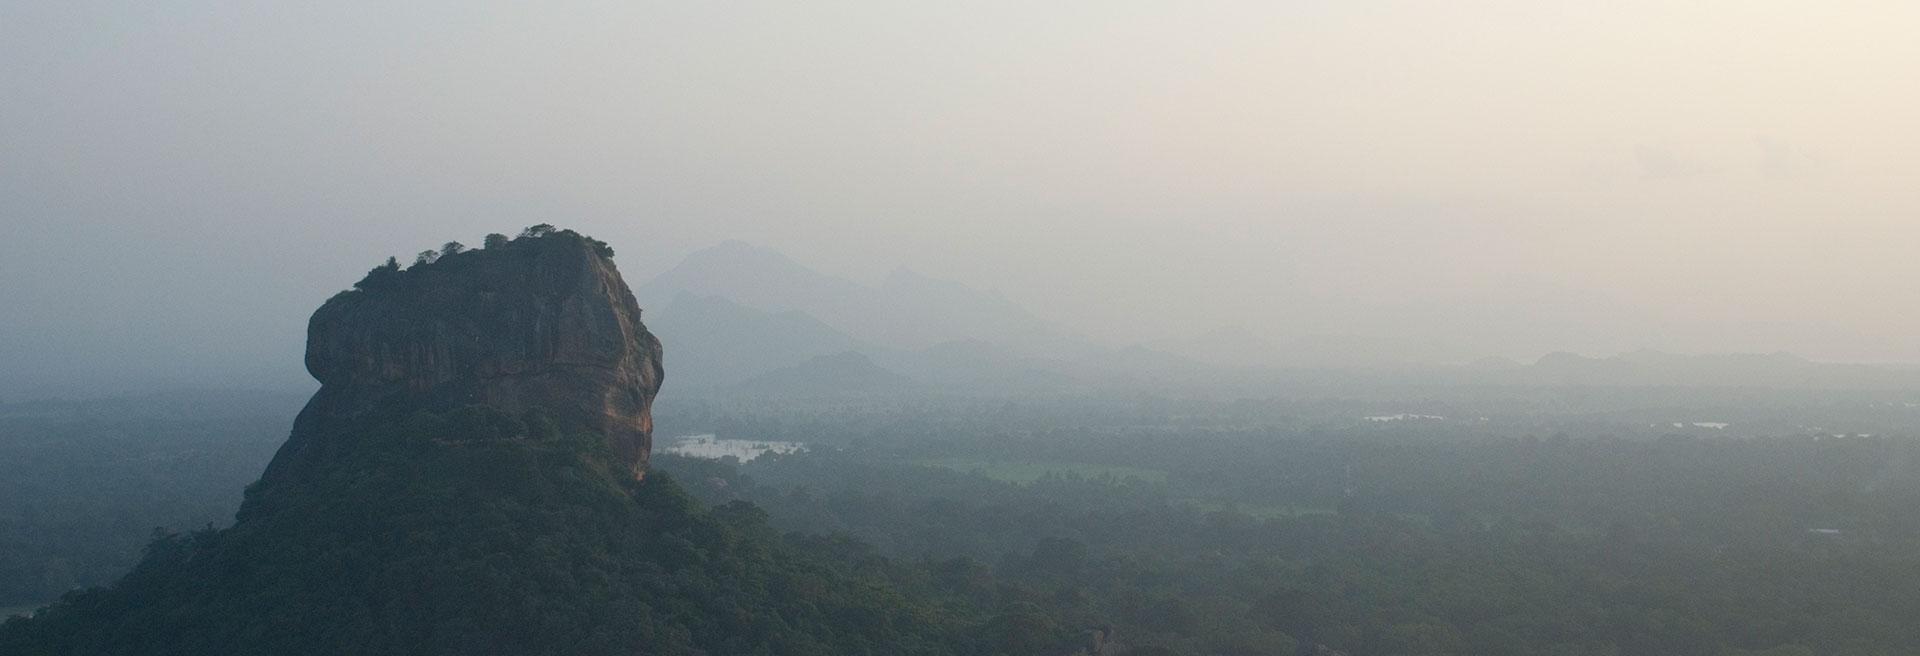 ancient-kingdom-sri-lanka